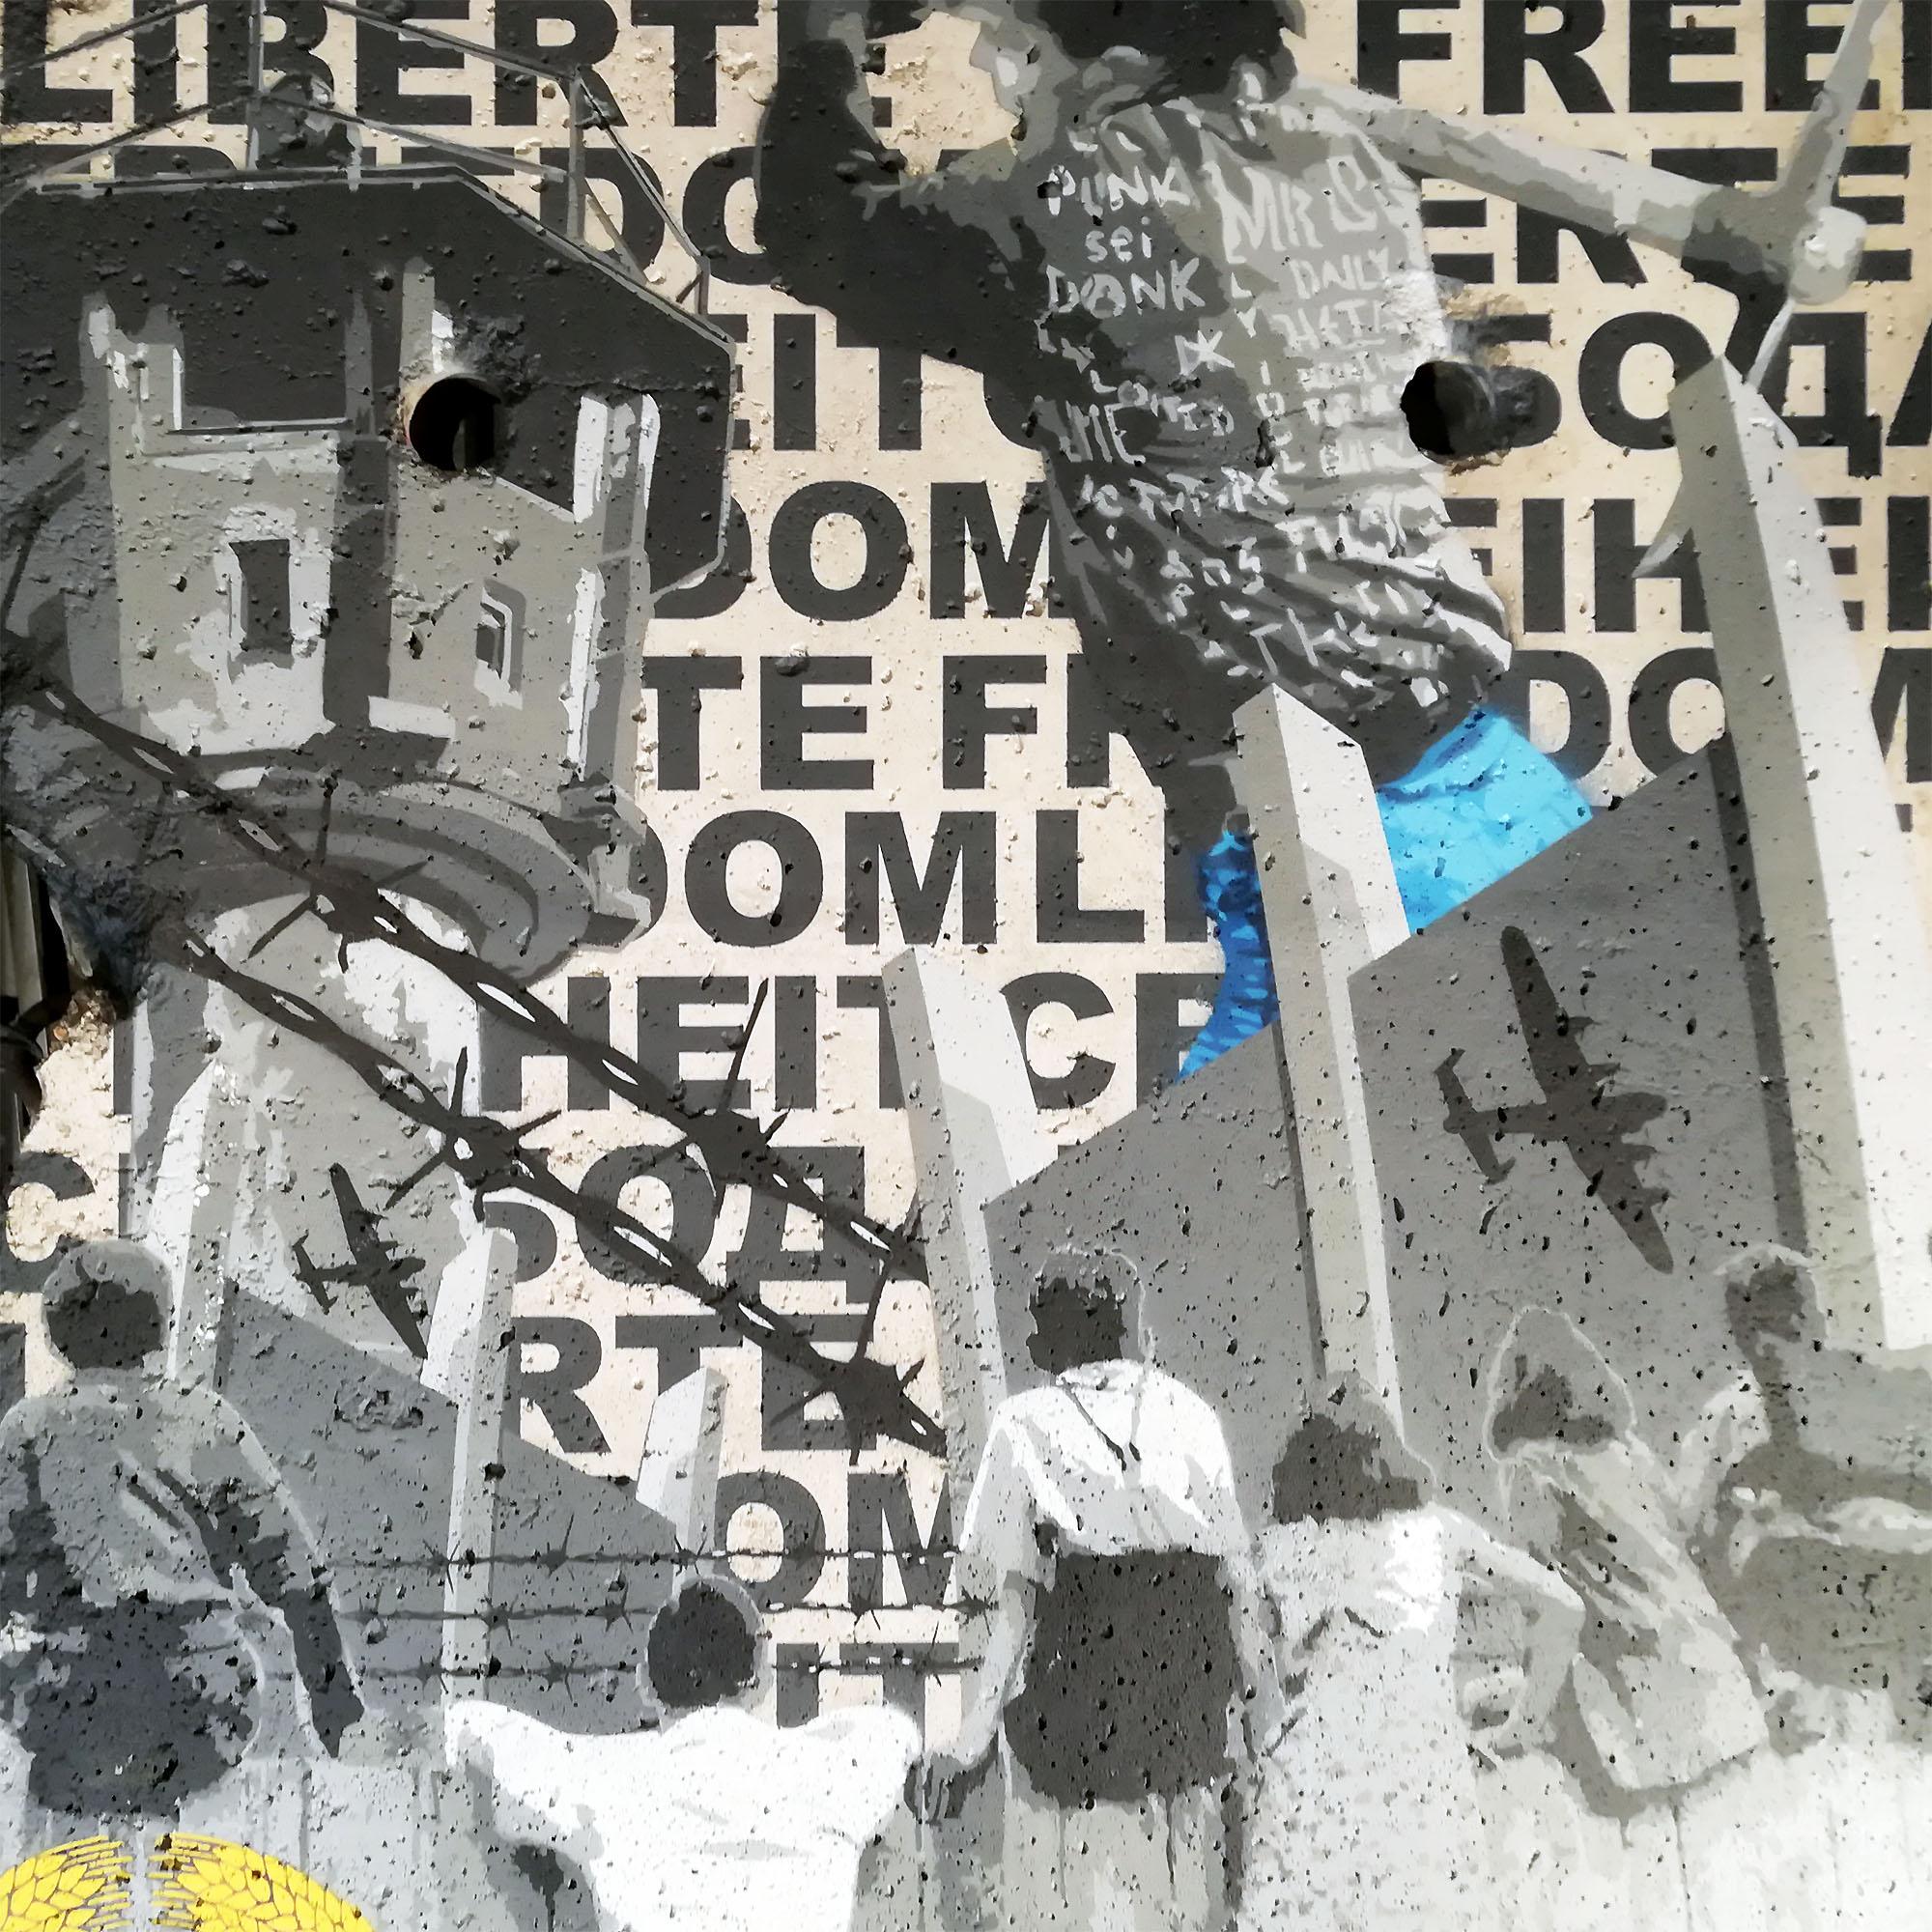 Bout-Mur-Berlin-partie-1